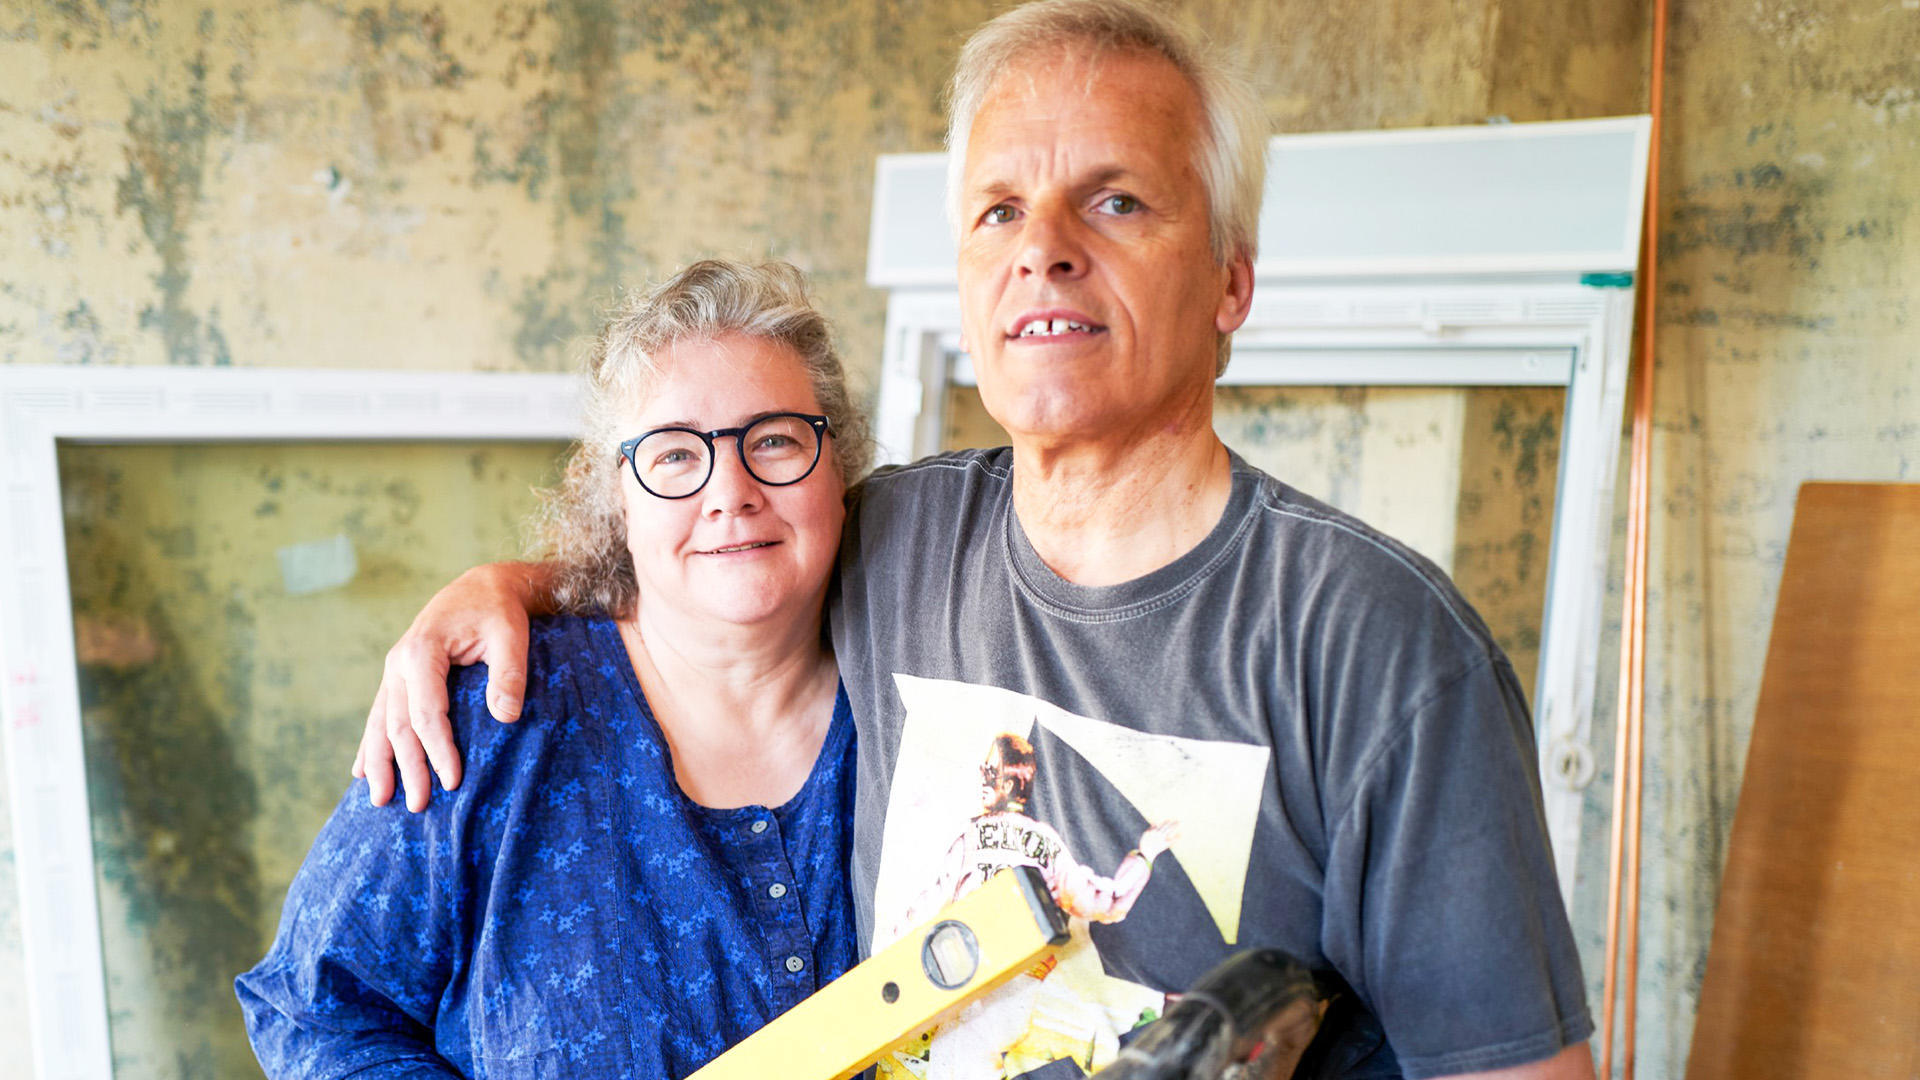 Heute u.a.: Belastungsprobe für Steffani und Bernd | Folge 4